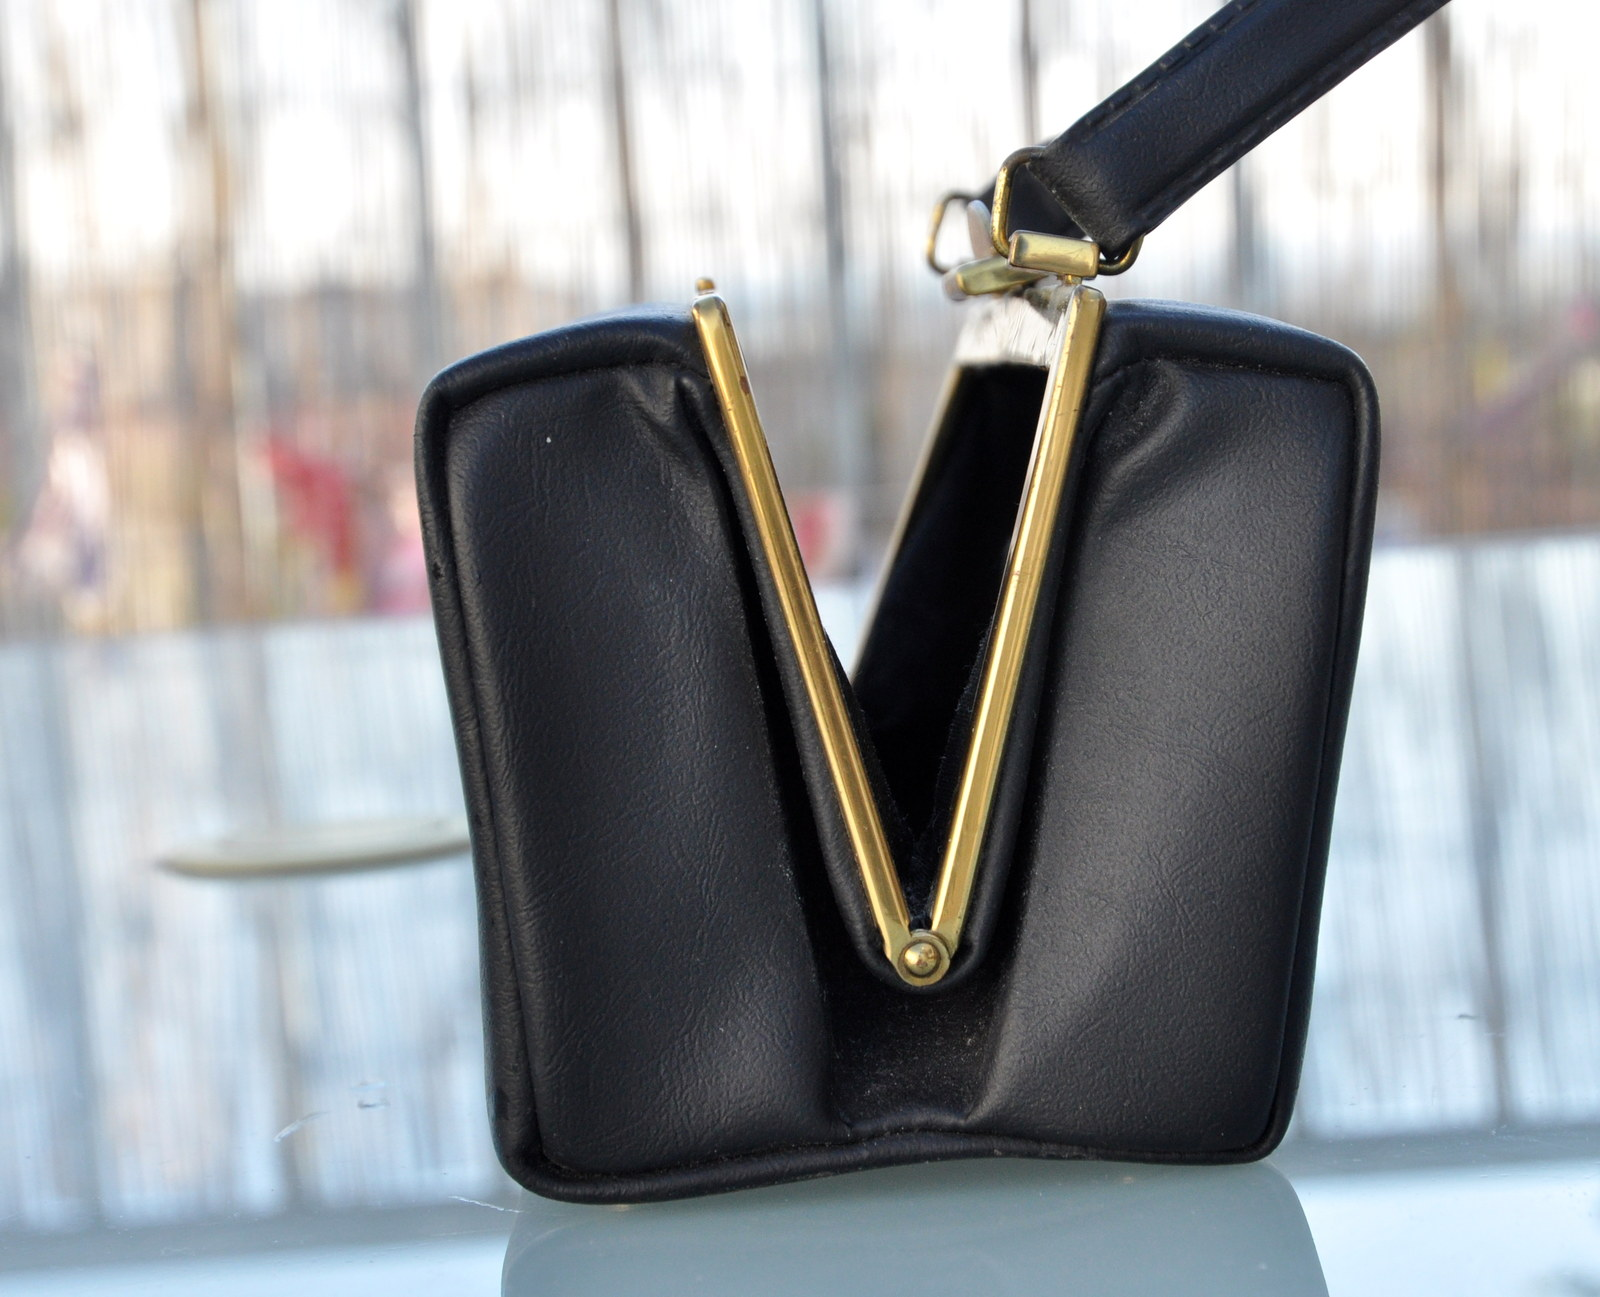 Černá kufříková kabelka   Zboží prodejce Chala Retro  4b174390d06